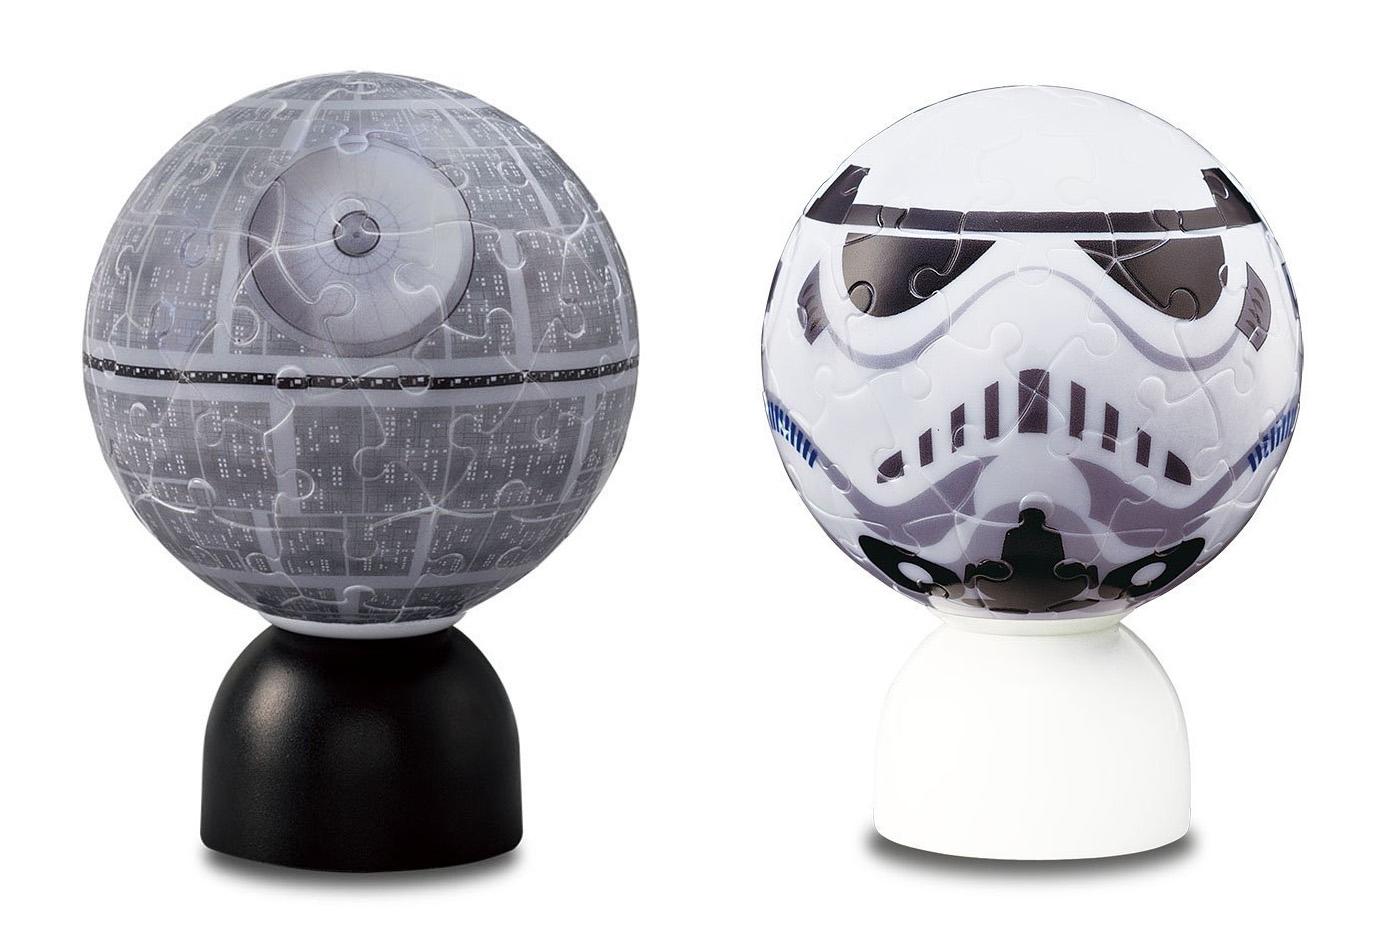 Star Wars Puzzle Lantern Spheres - SWNZ, Star Wars New Zealand